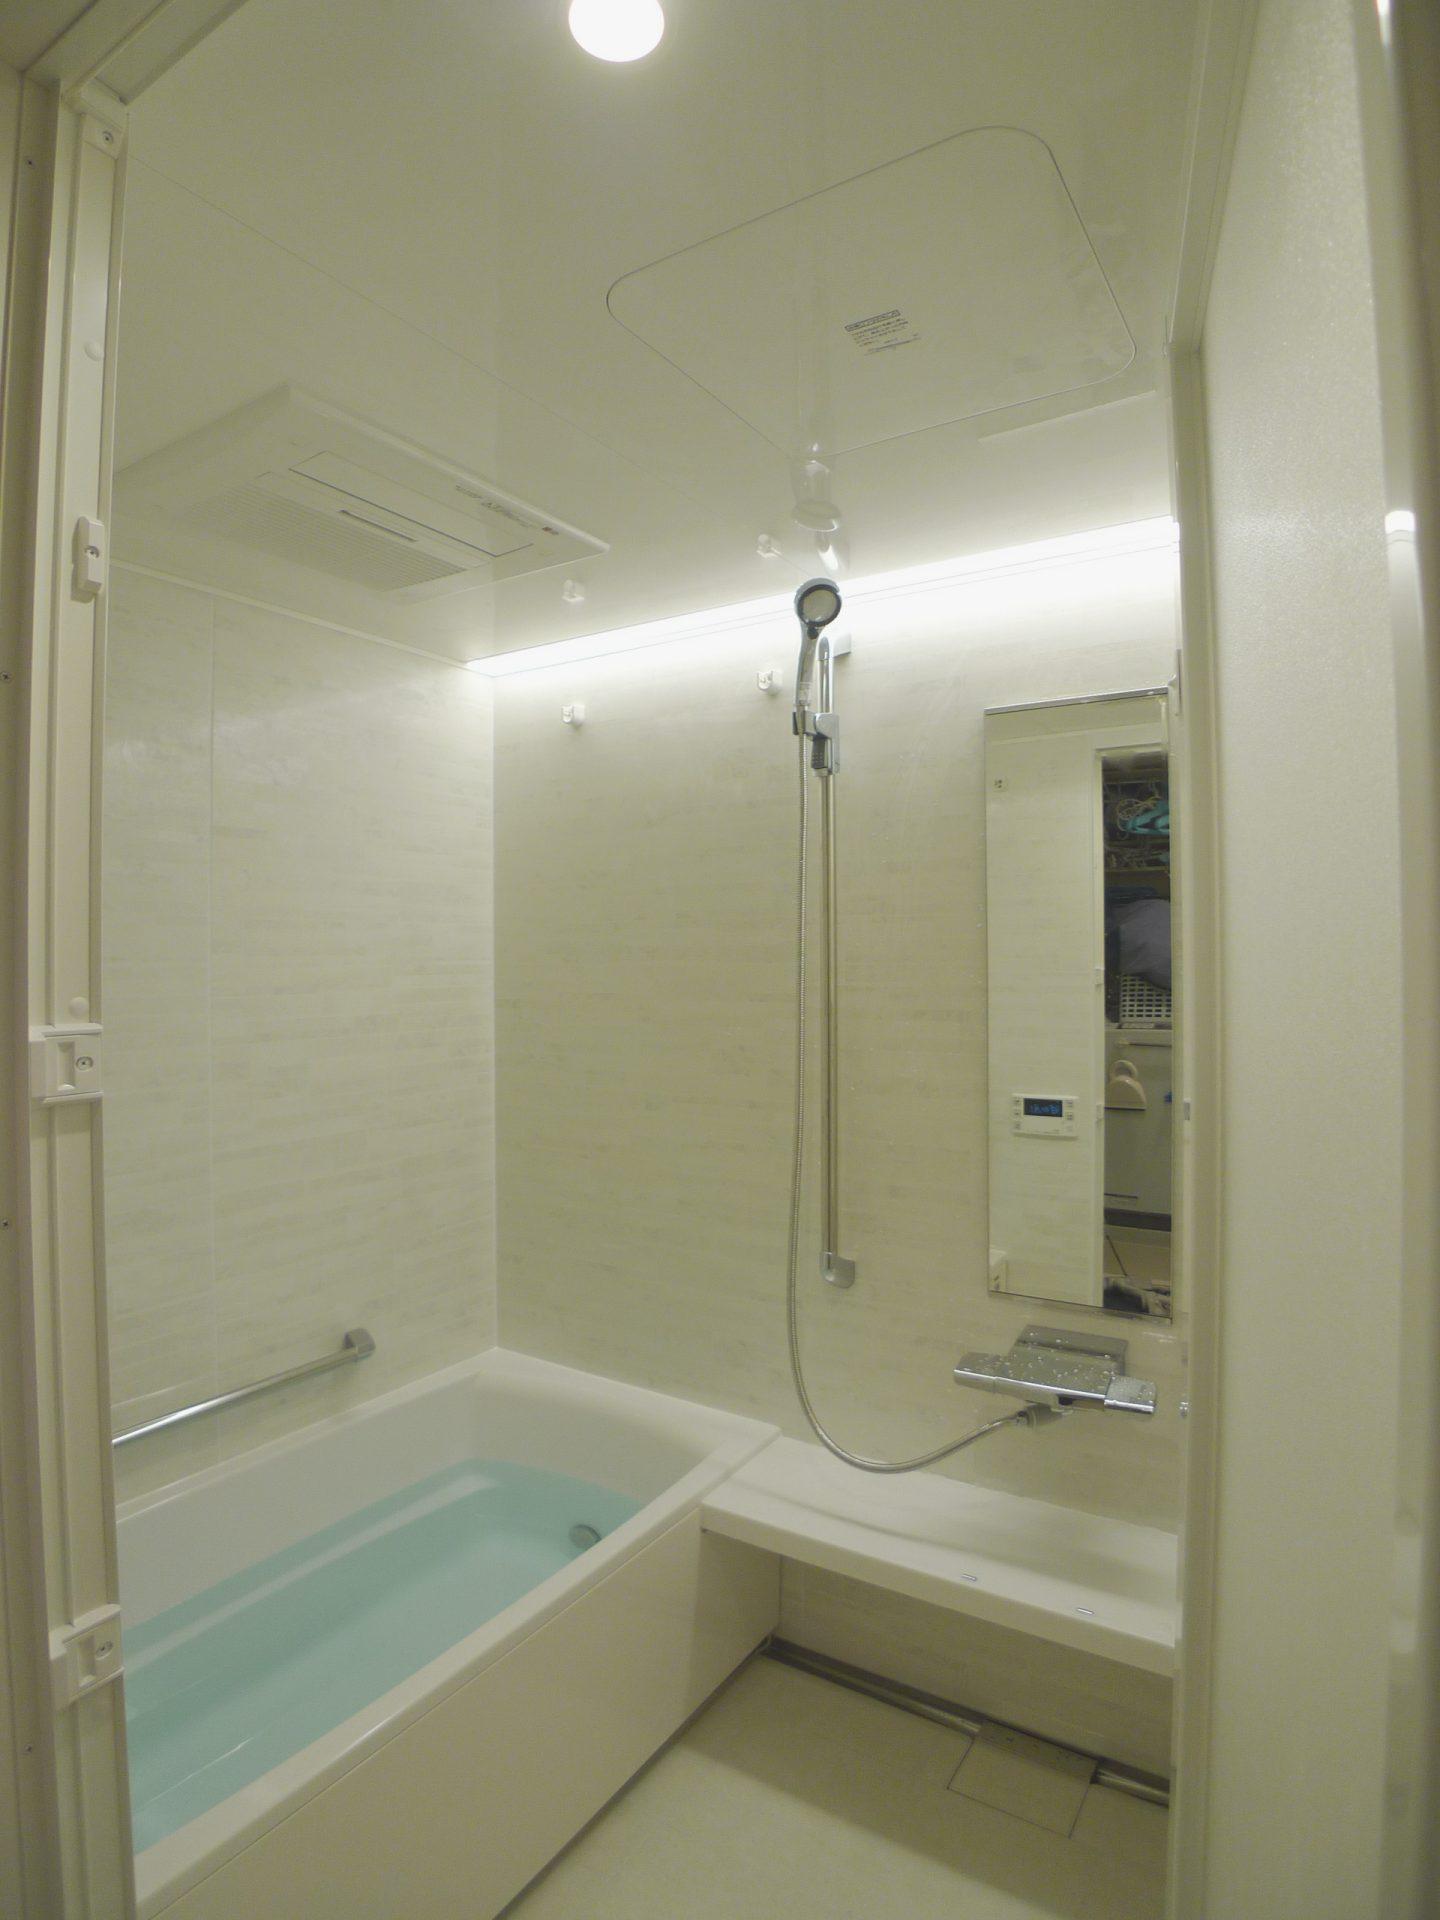 After : ライン照明、シャワーバー、カウンターをセレクトしたタカラスタンダード伸びの美浴室